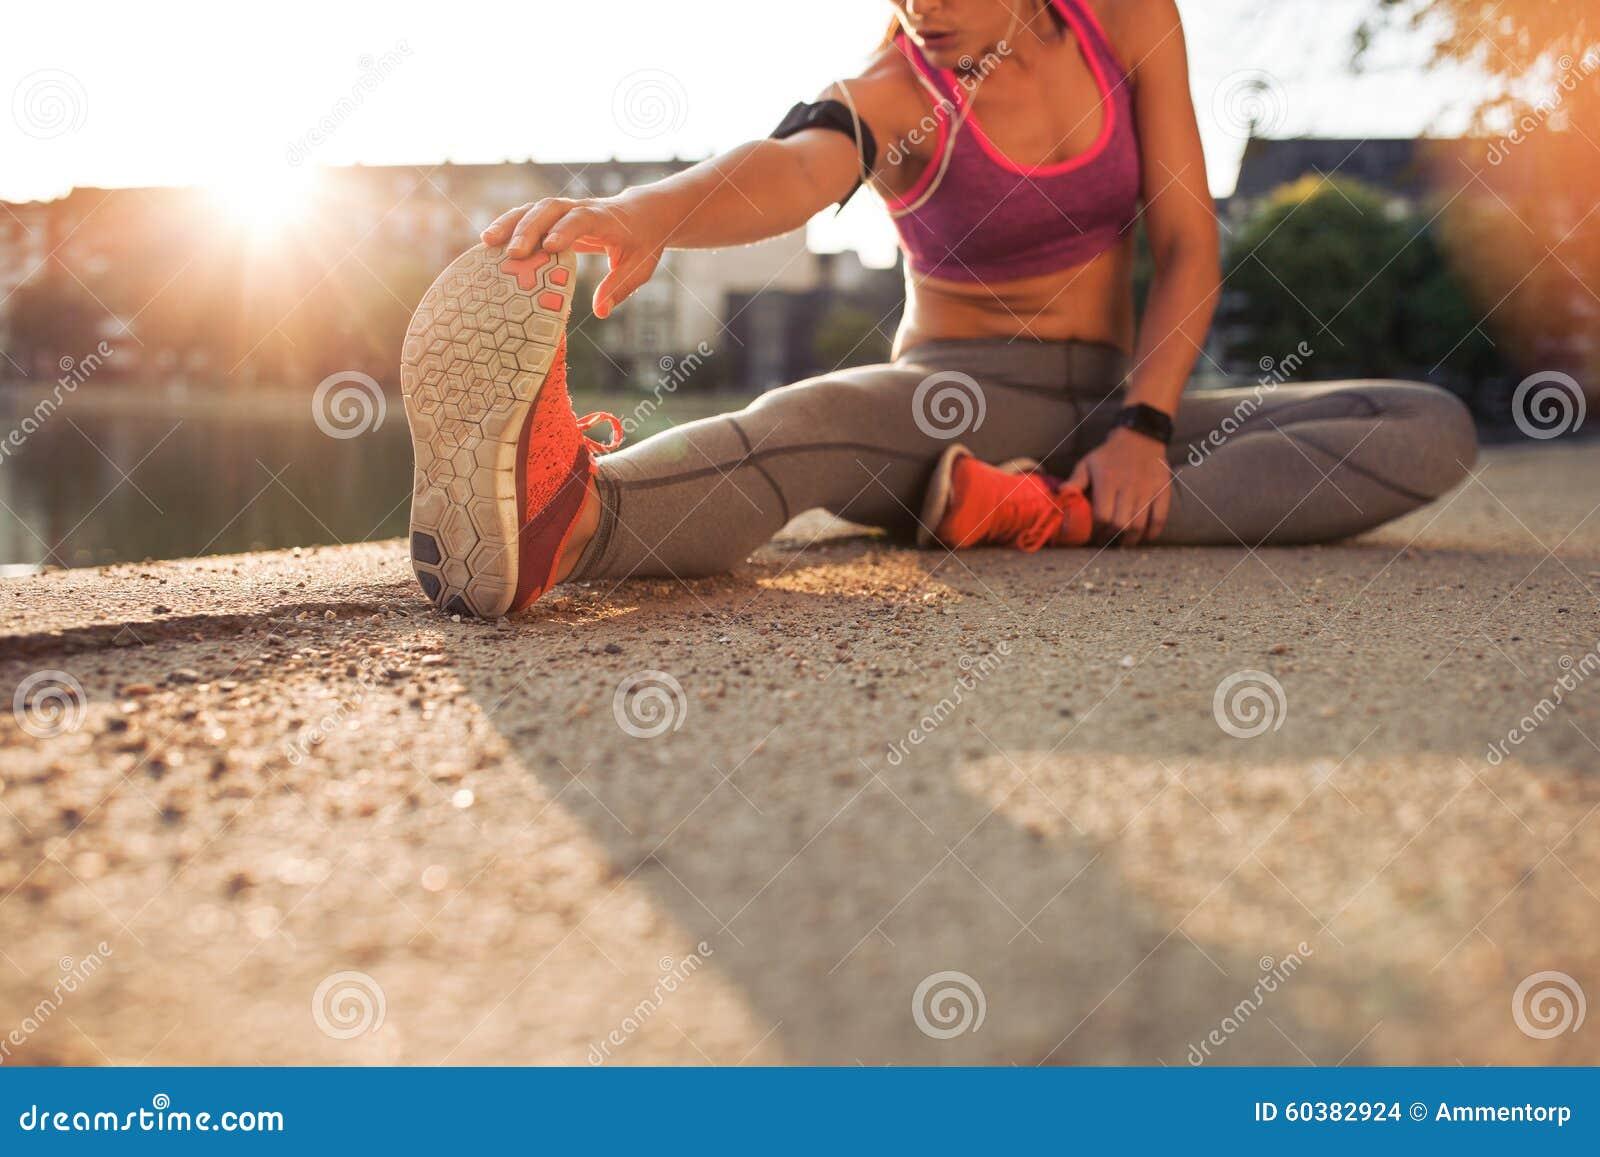 Żeńskiej atlety rozciągania nogi